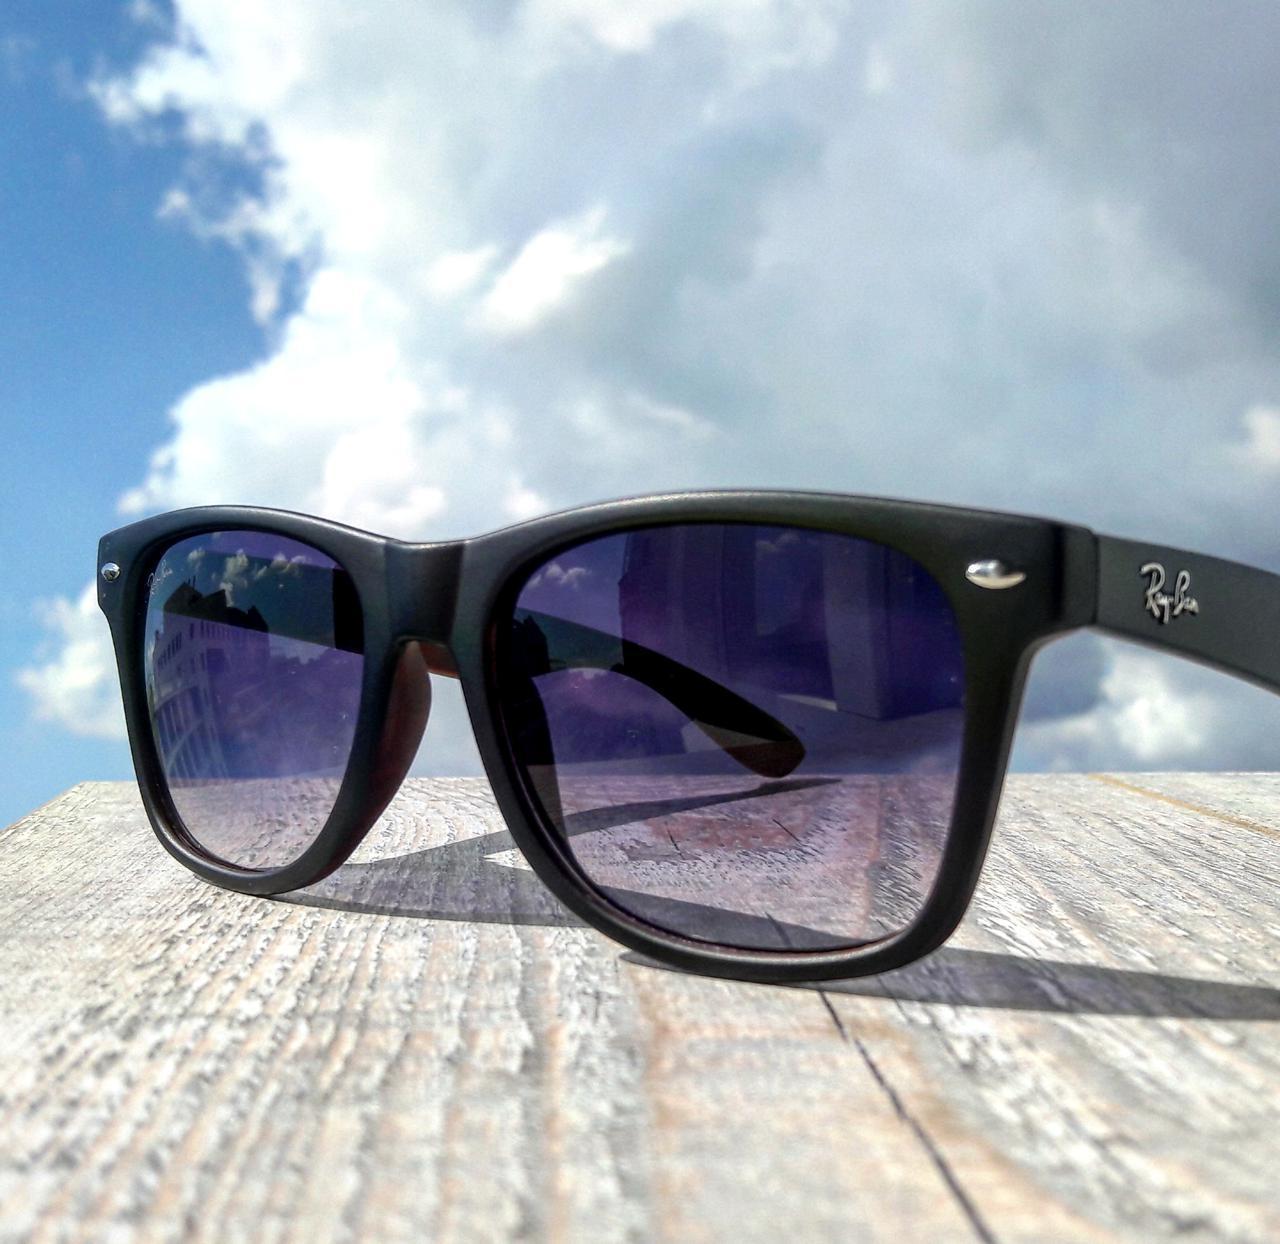 Солнцезащитные очки мужские фирменные Classic в стиле Ray Ban - Big City  Shop в Одессе a673f3adbac